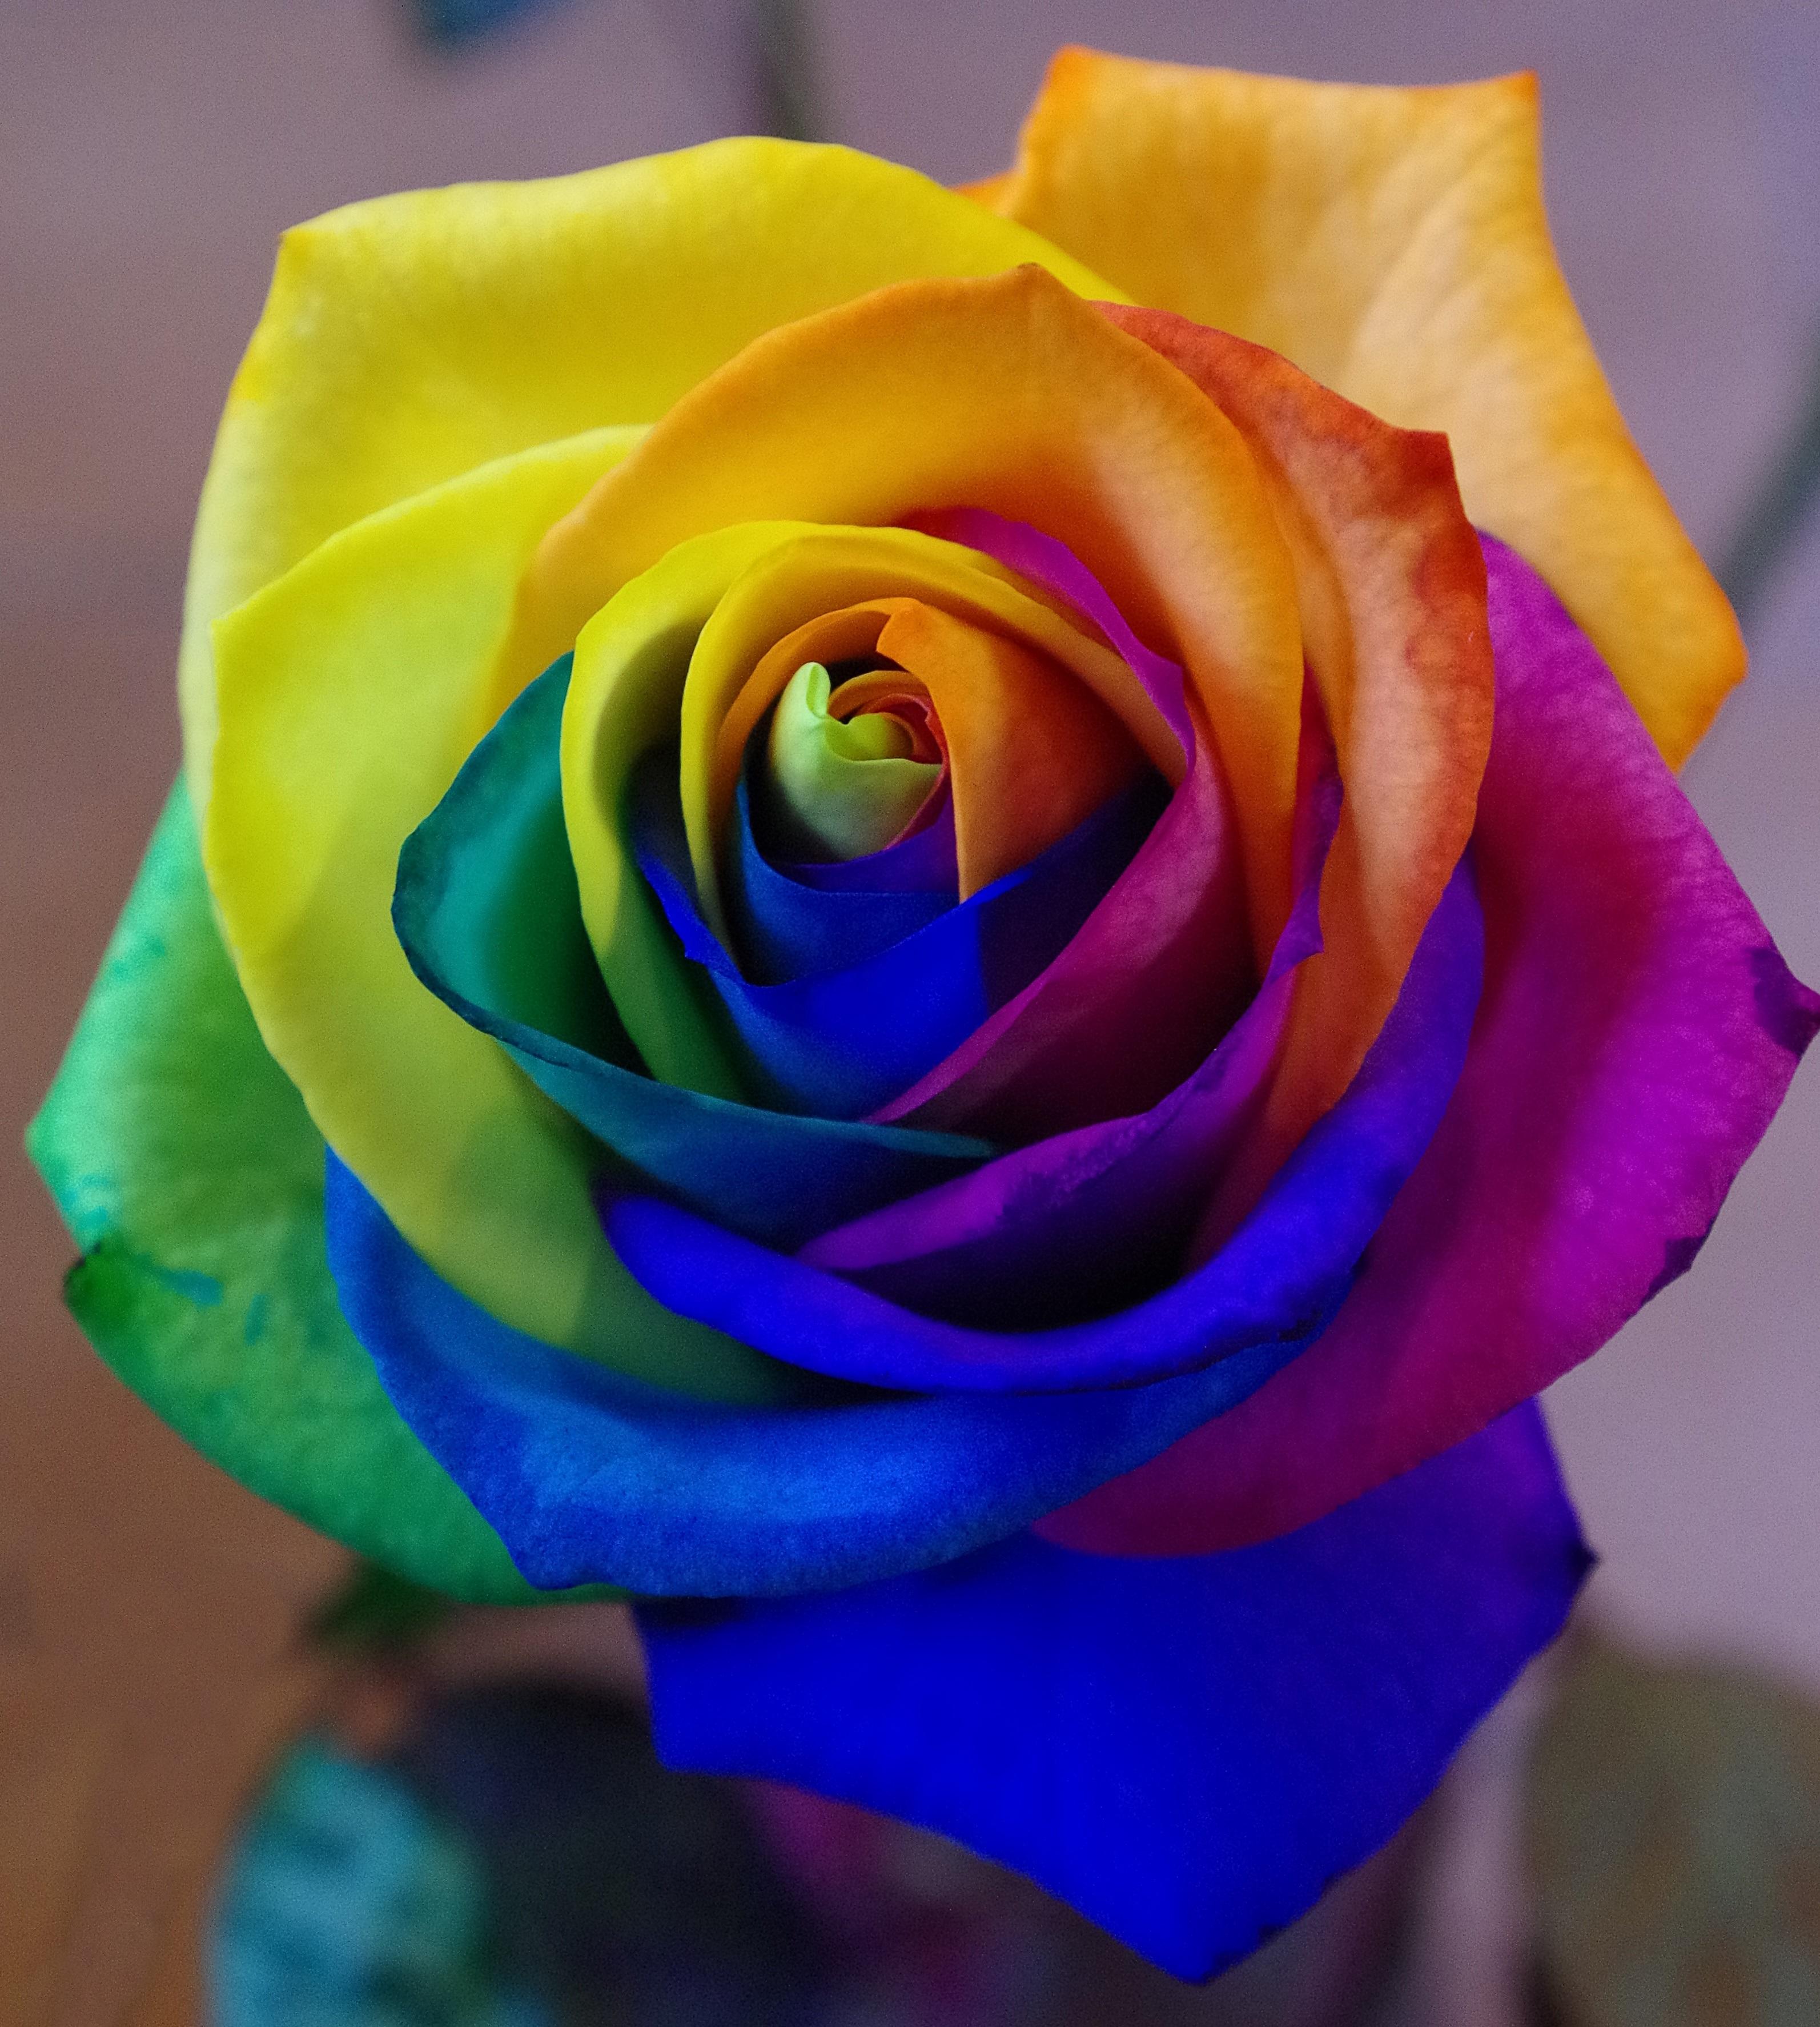 странно, картинки радужных роз есть открытки